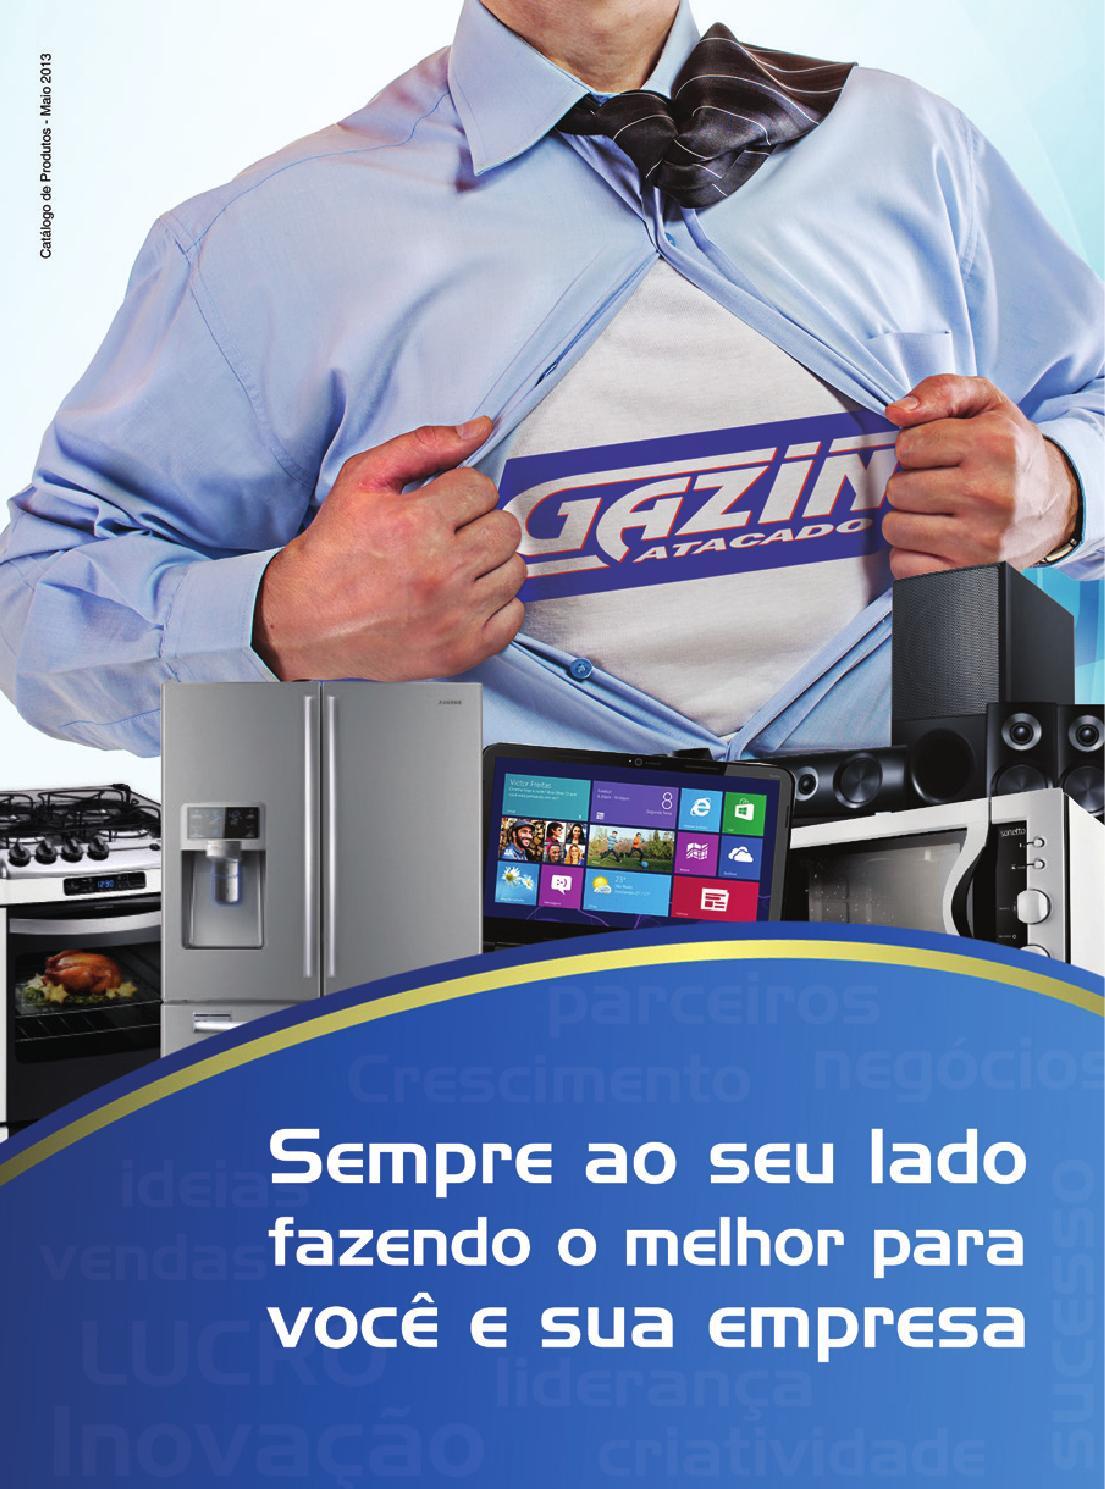 Revista Gazin Atacado by Gazin Atacado - issuu 70e88ac96118